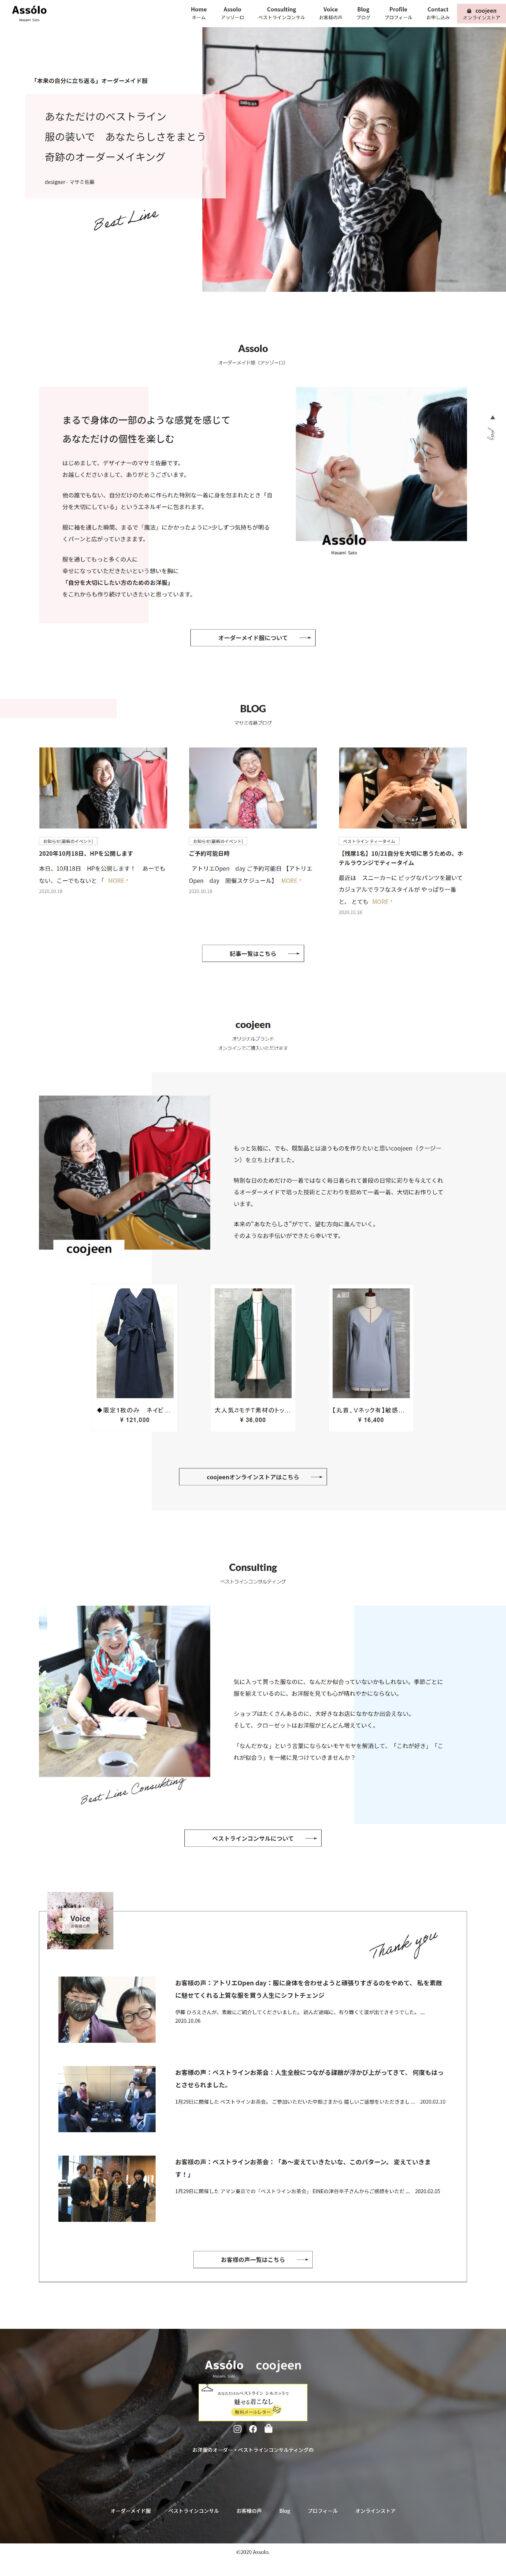 オーダーメイド服 アッゾーロ様ホームページ